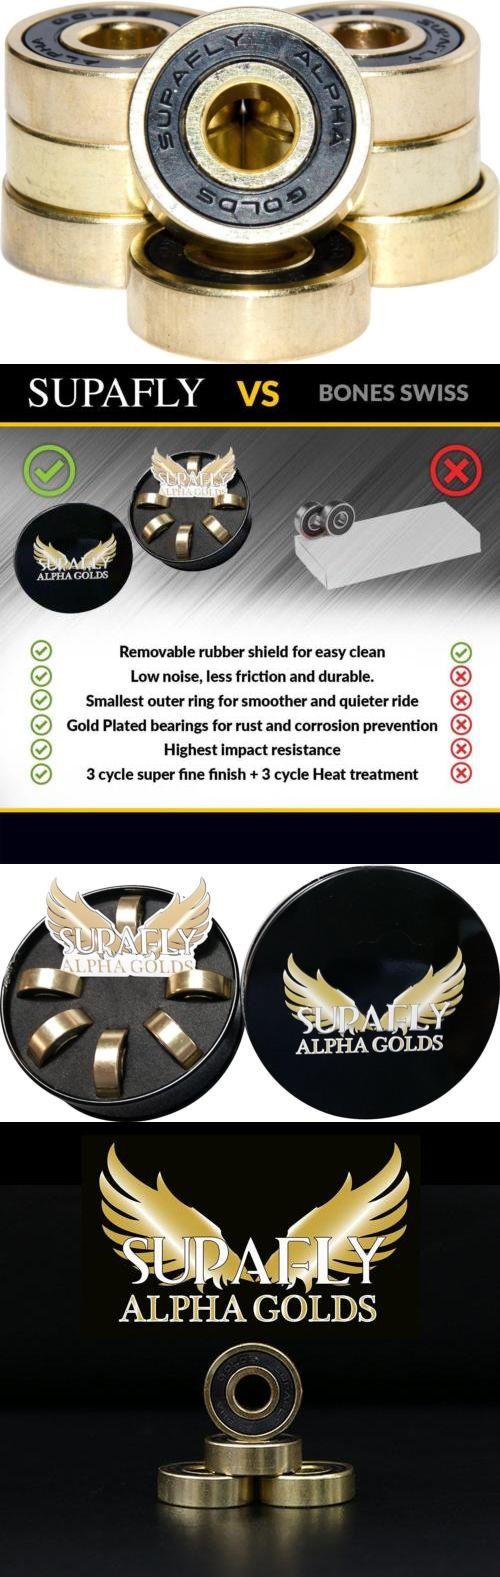 Bearings 36624: Alpha Golds Best Roller Aggressive Skate Ball Bearings Abec 9 For Skateboard... -> BUY IT NOW ONLY: $54.17 on eBay!